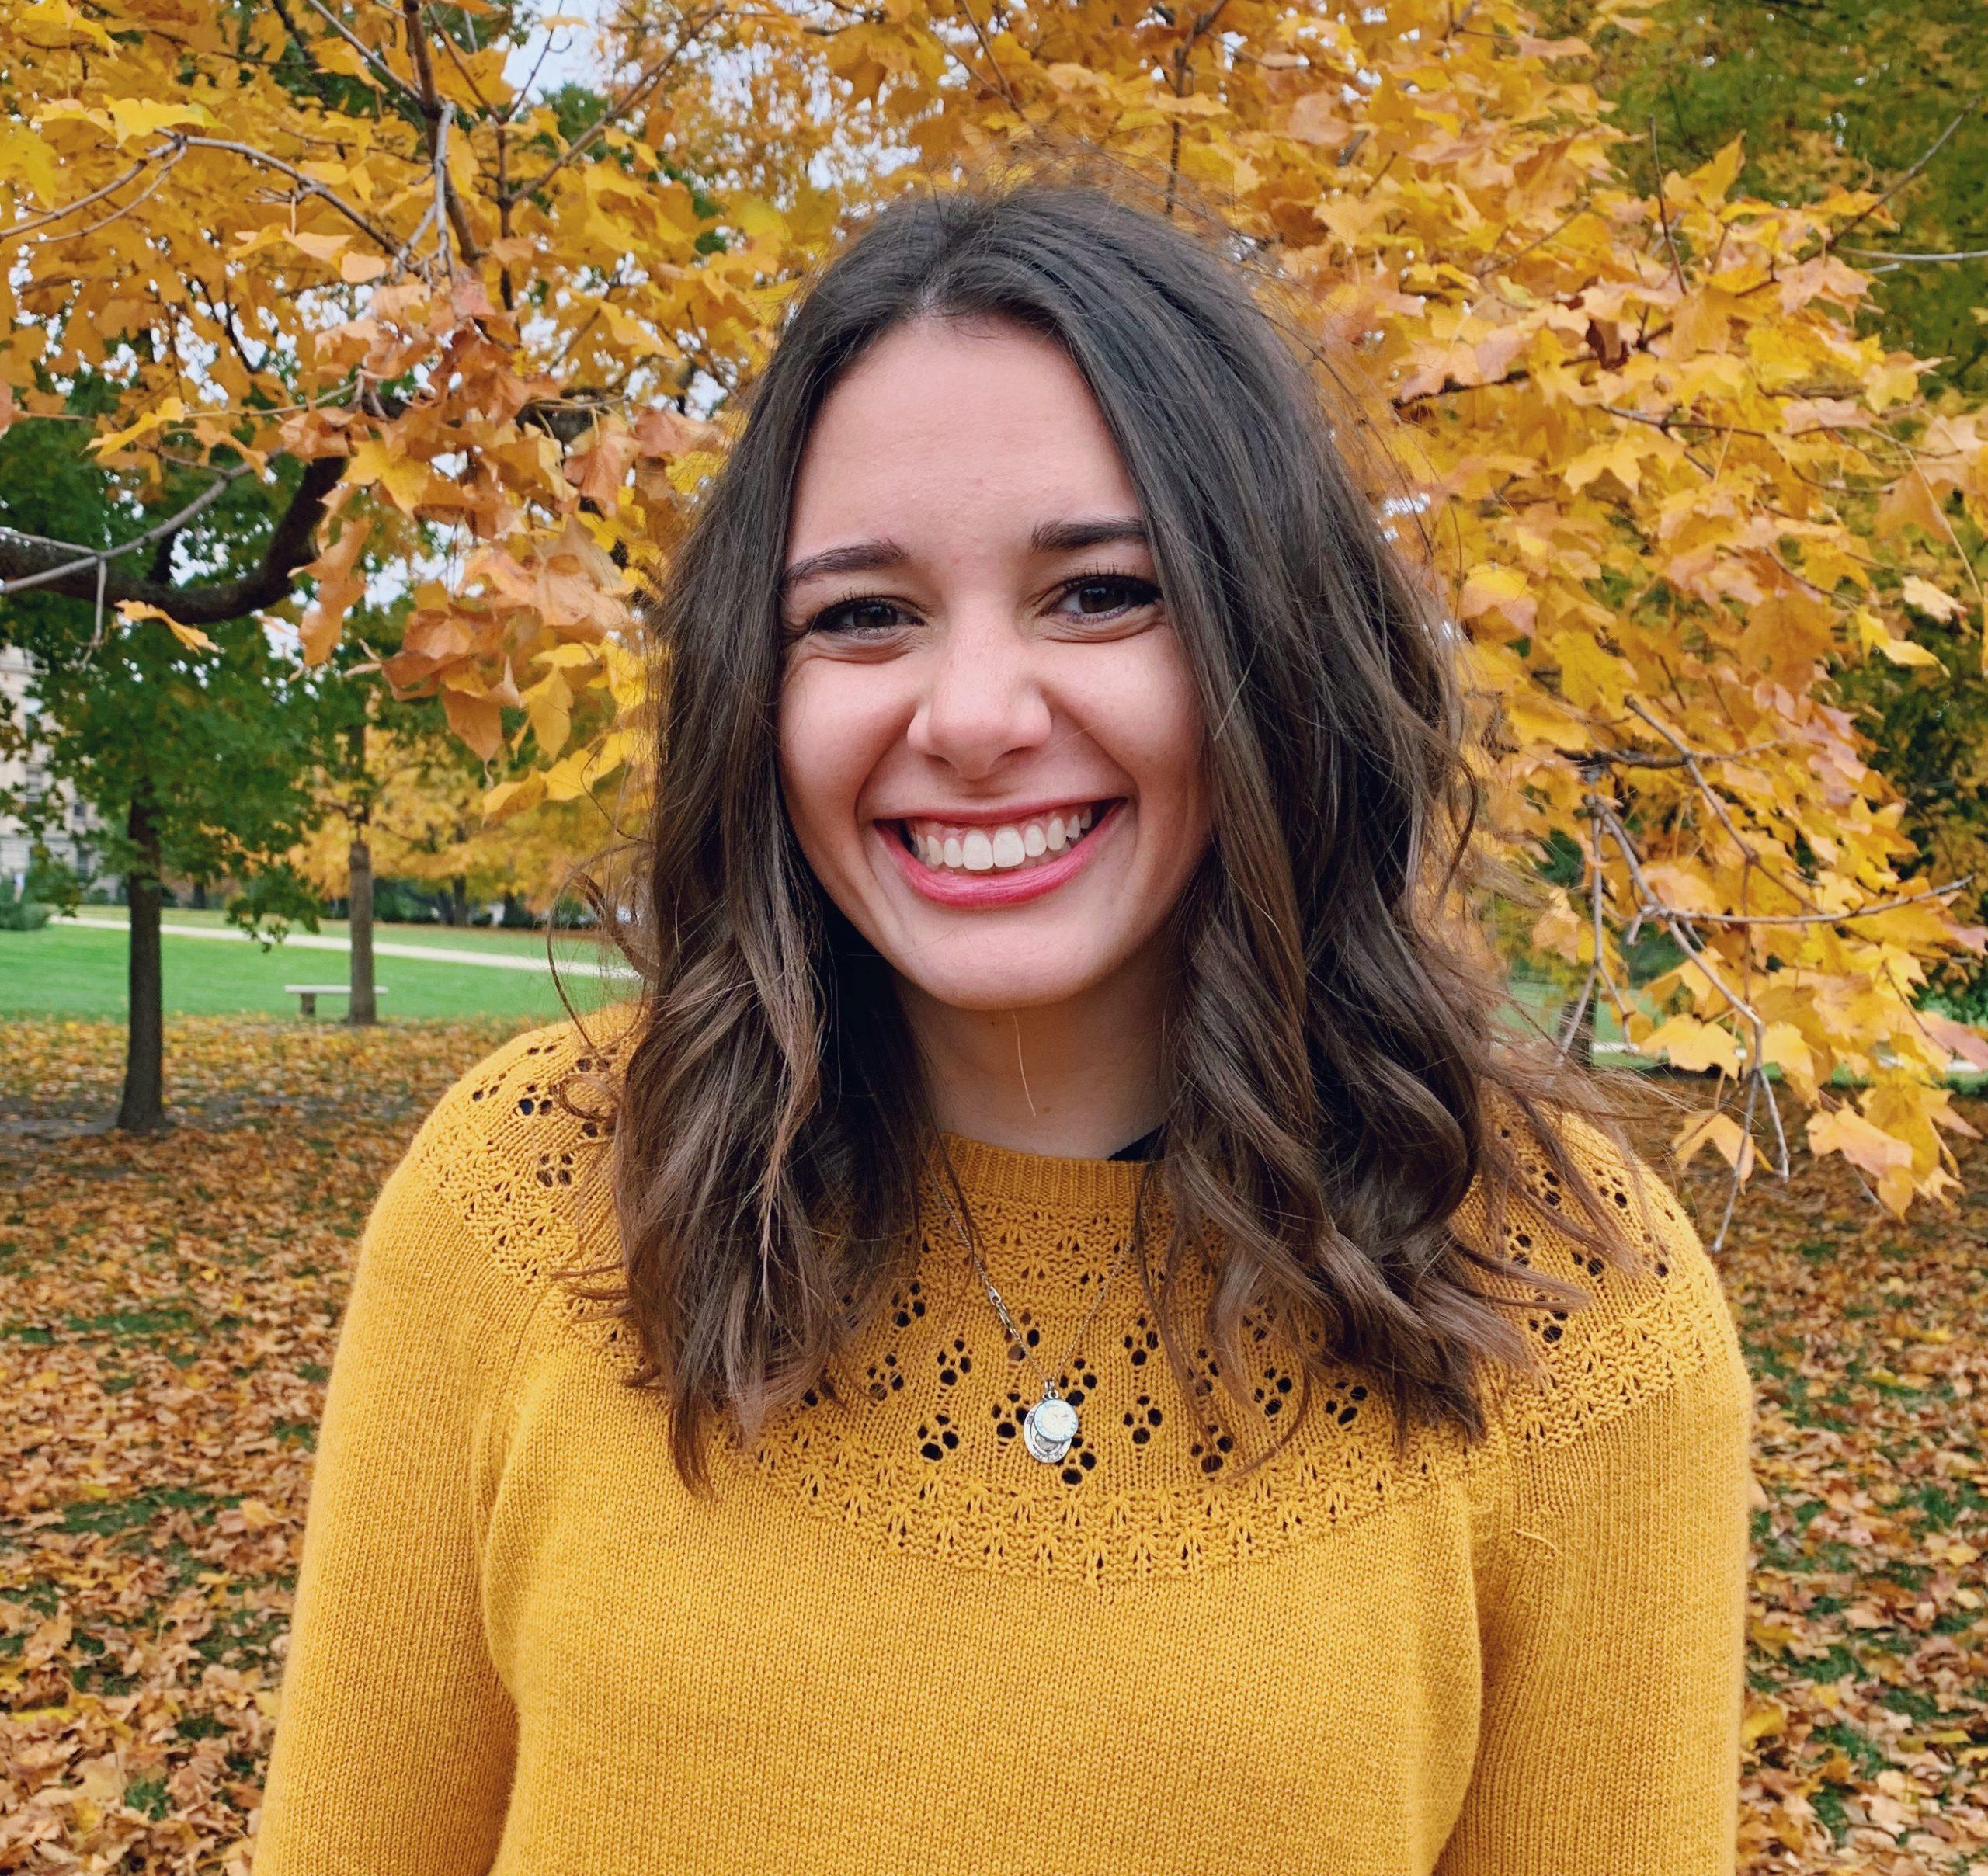 headshot of Meghan Custis